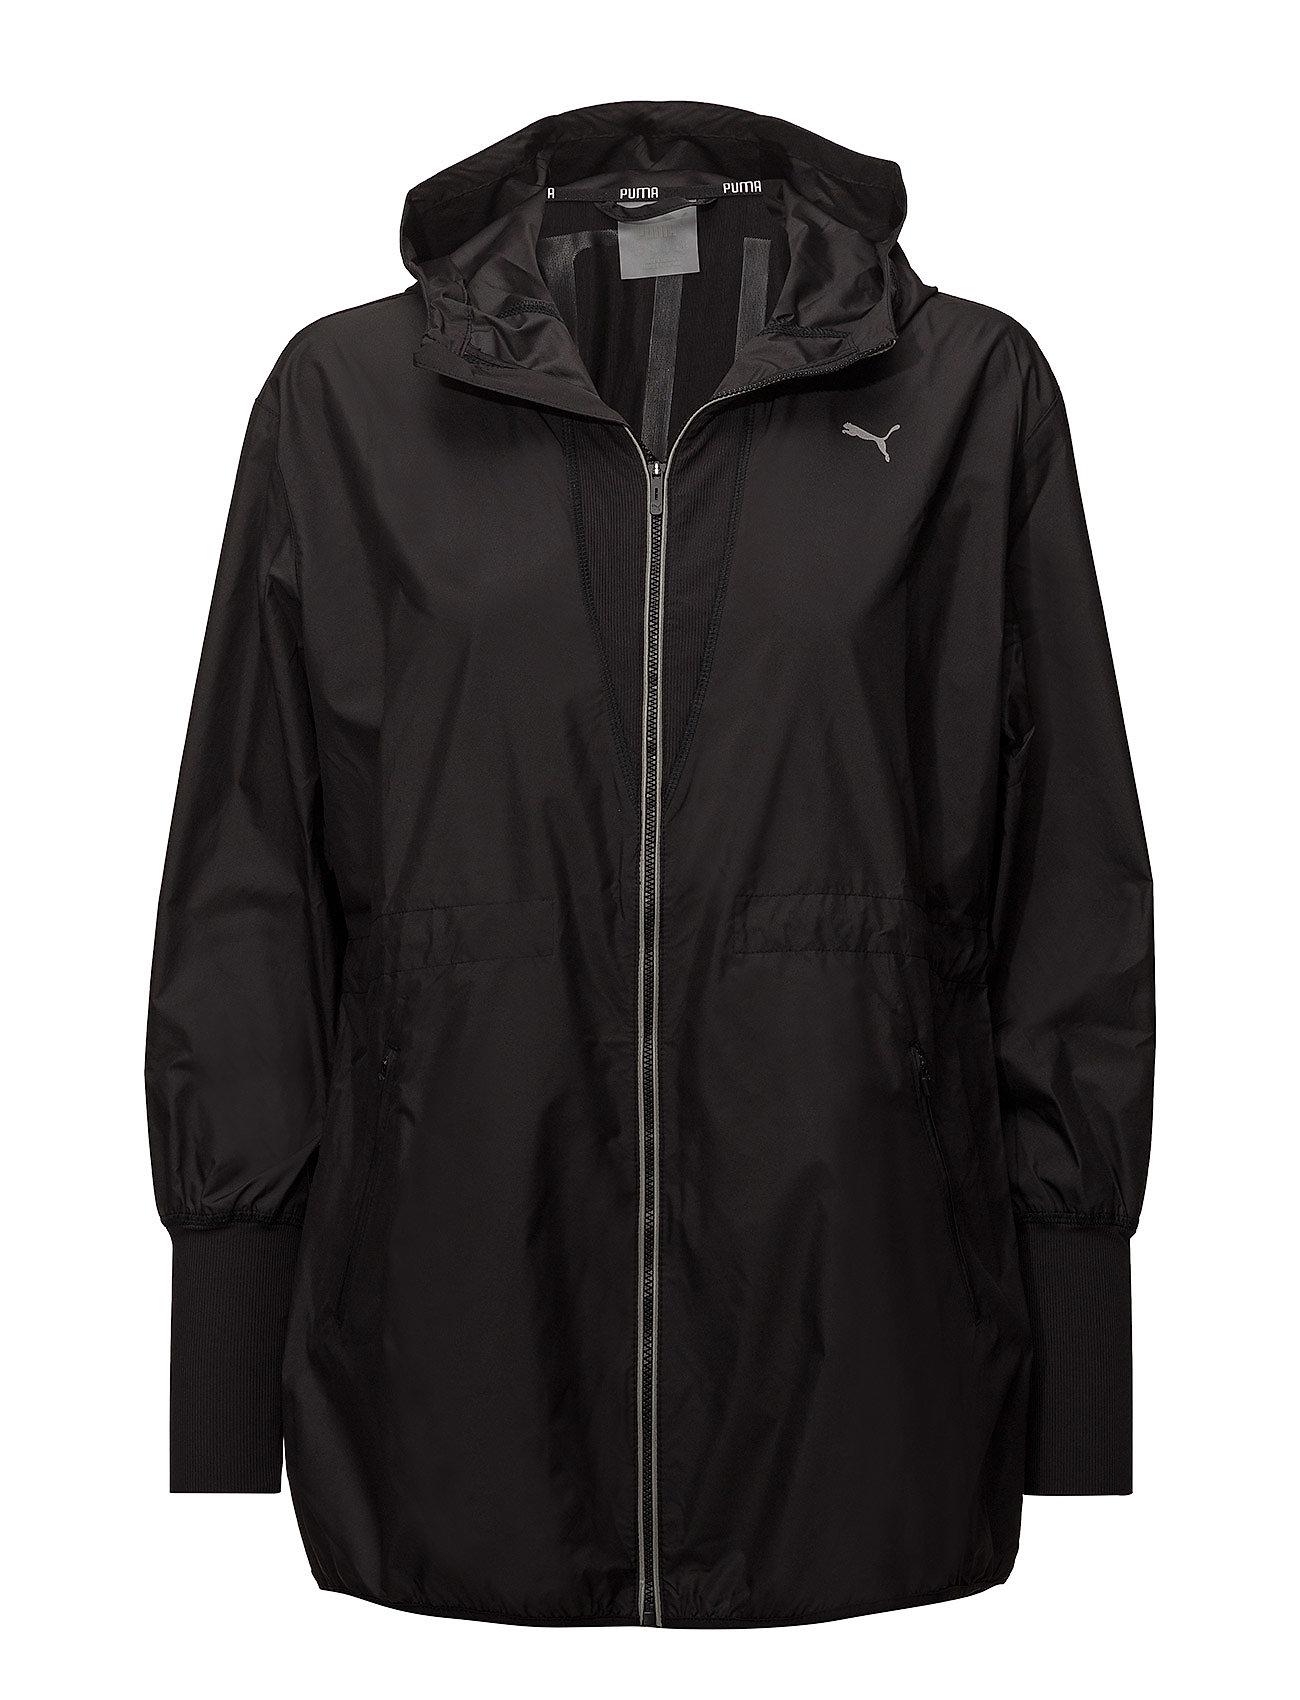 PUMA Explosive Lite Jacket - PUMA BLACK